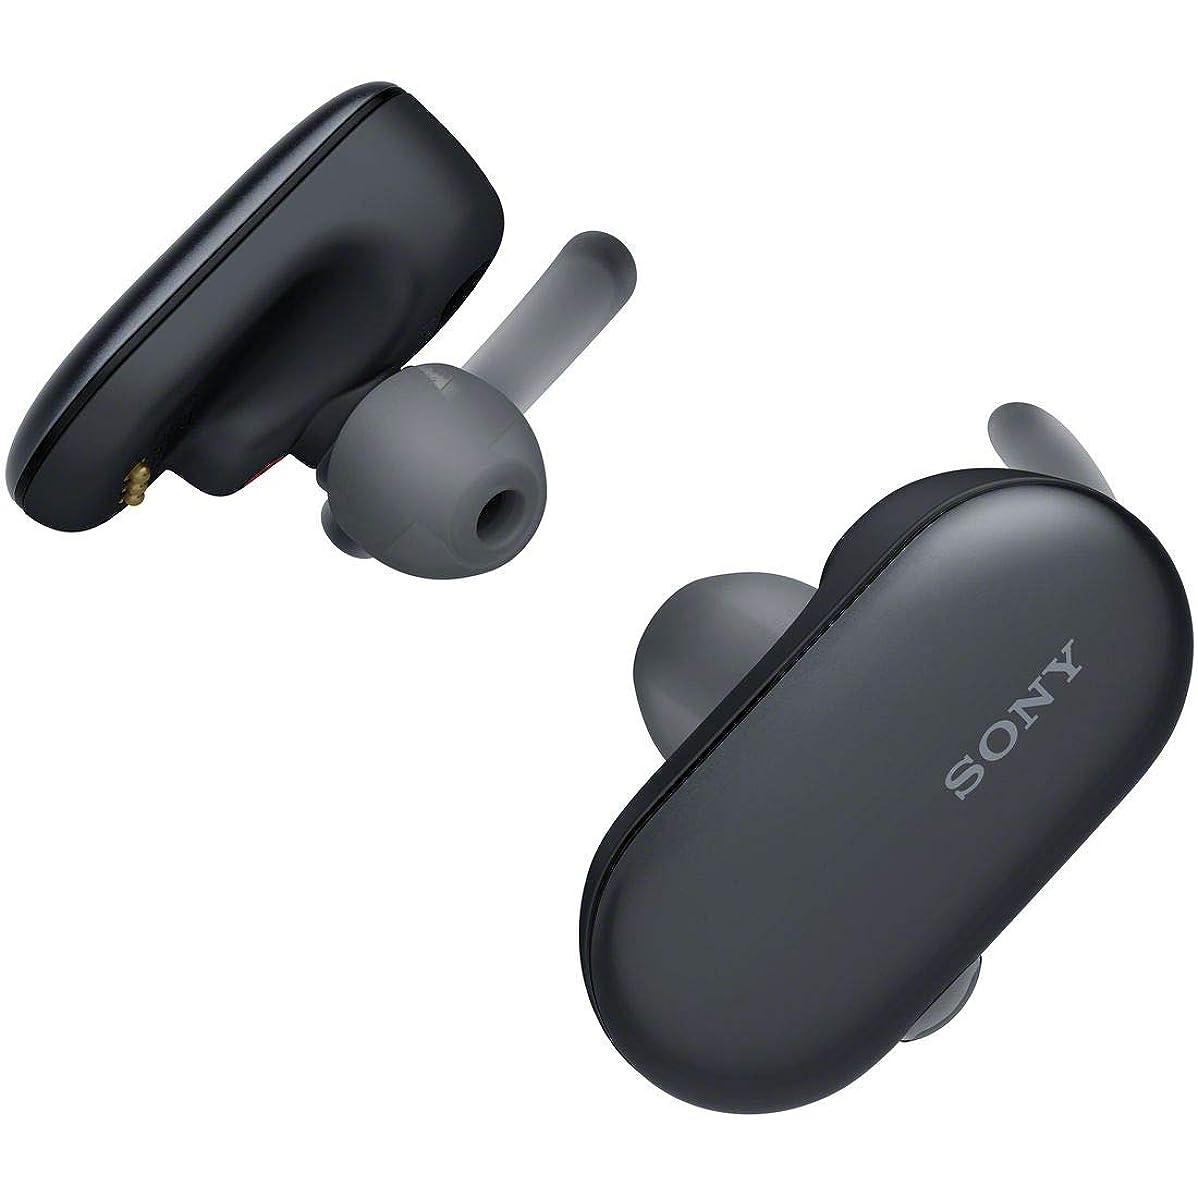 鳴らす初期速いソニー SONY 完全ワイヤレスイヤホン WF-SP900 : Bluetooth対応 左右分離型 防滴 防塵 4GBメモリ内蔵 2018年モデル ブラック WF-SP900 BM